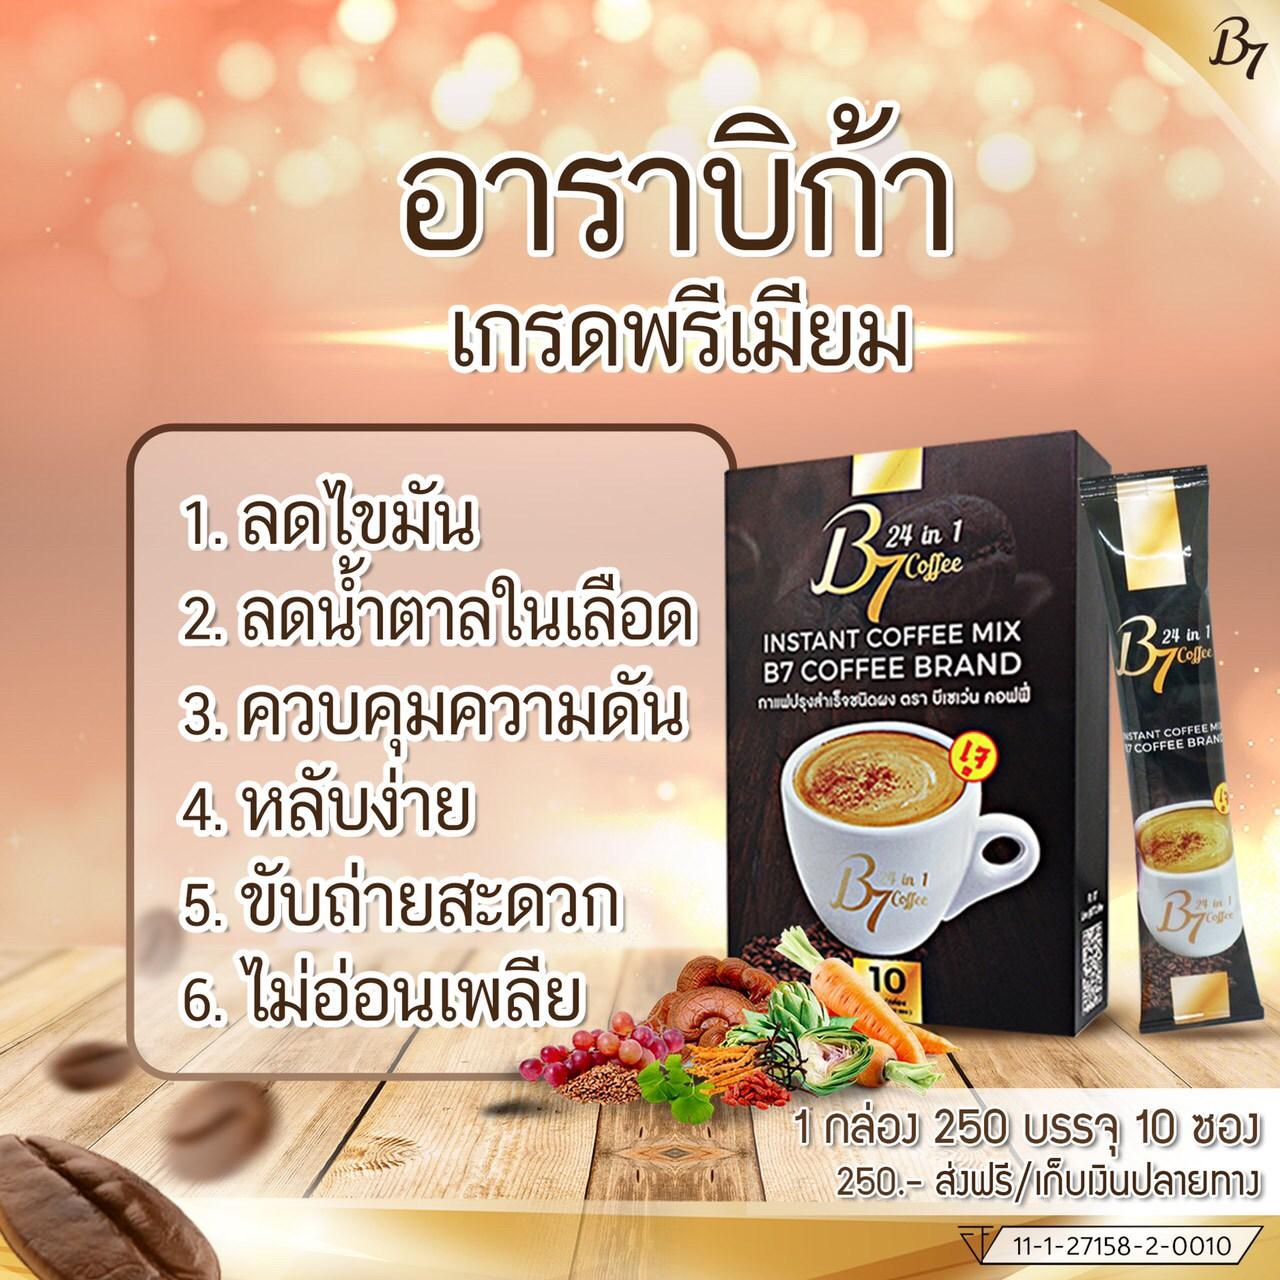 กาแฟเพื่อสุขภาพ B7 Coffee อาราบิก้า